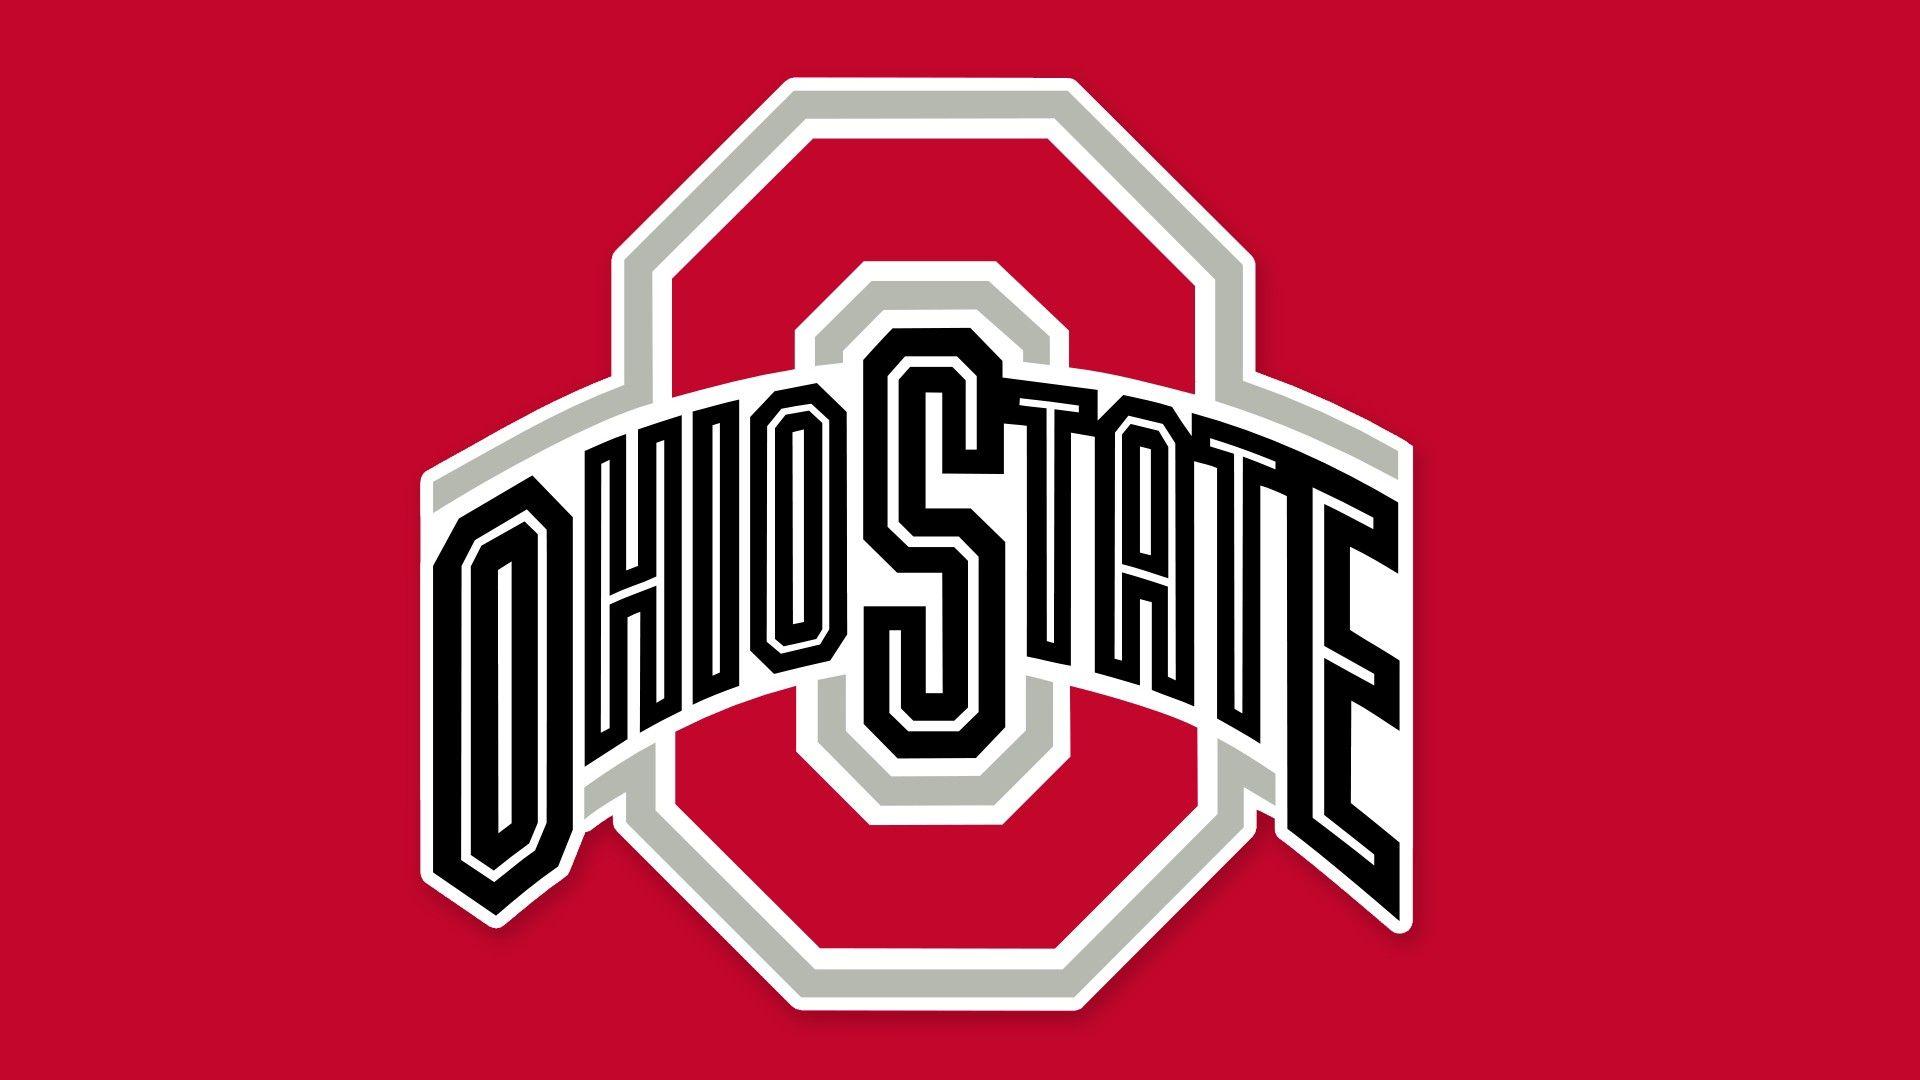 Ohio State Logo Wallpaper Ohio state logo, Ohio state